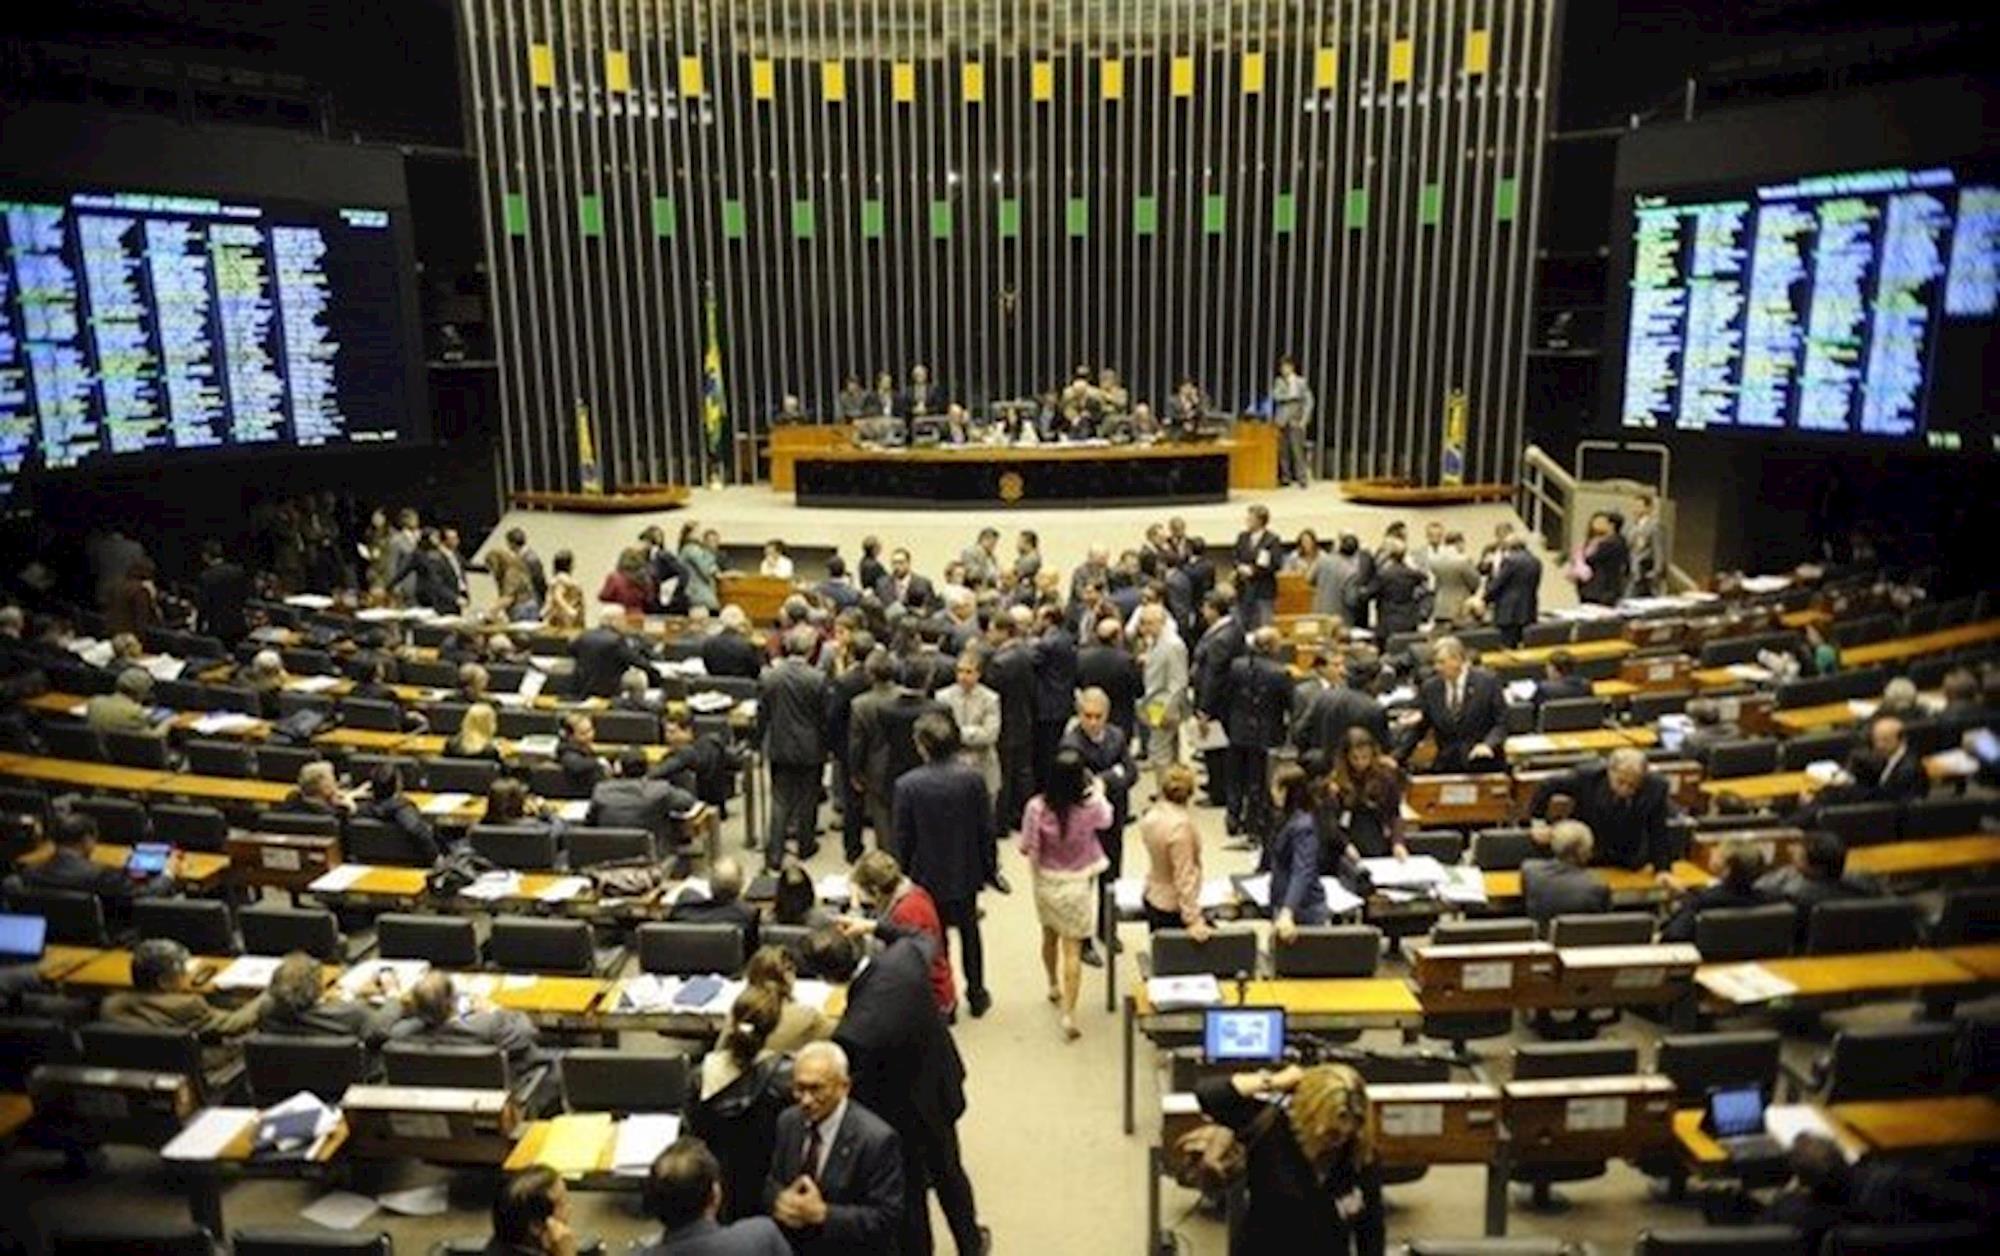 câmara, deputados, plenário, FABIO RODRIGUES POZZEBOM/AGÊNCIA BRASIL